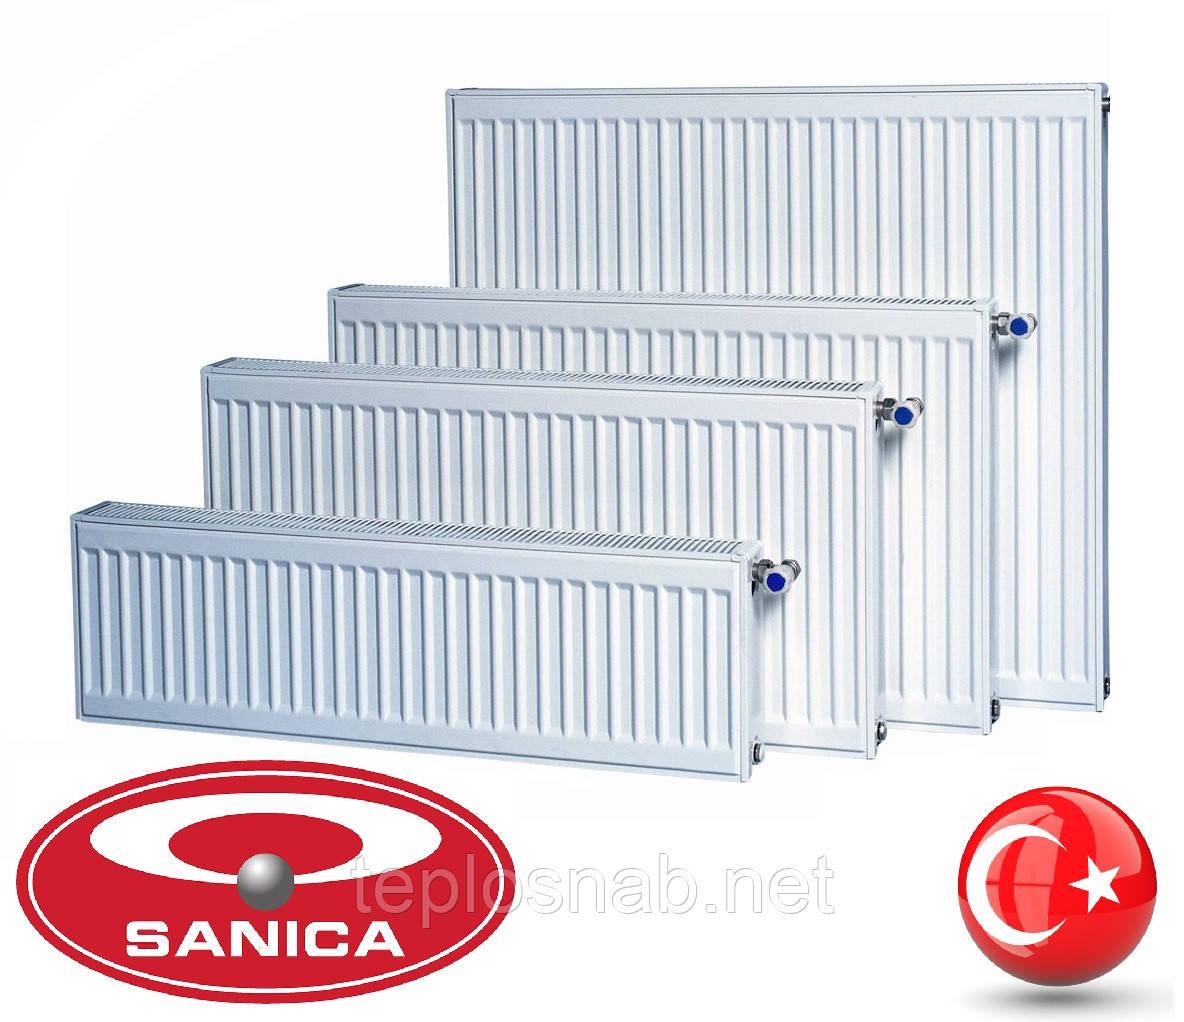 Стальной радиатор Sanica 22 тип (500 х 2800 мм) / 5401 Вт